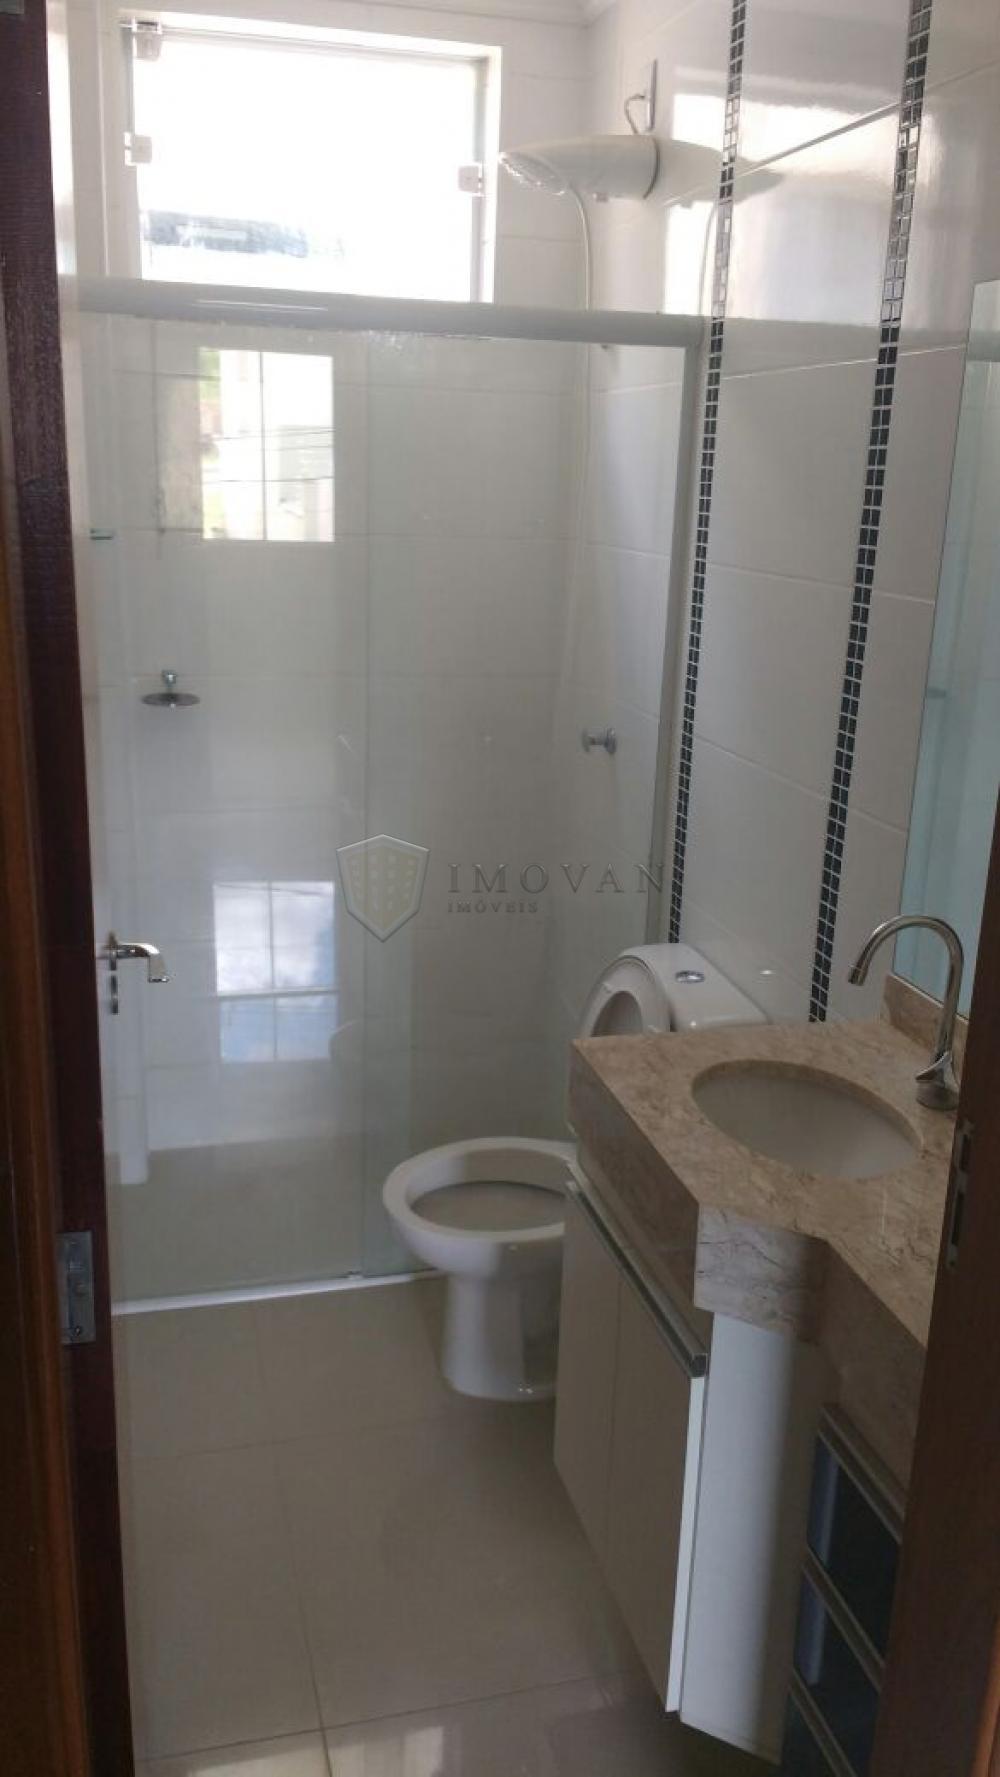 Comprar Apartamento / Padrão em Ribeirão Preto apenas R$ 365.000,00 - Foto 15